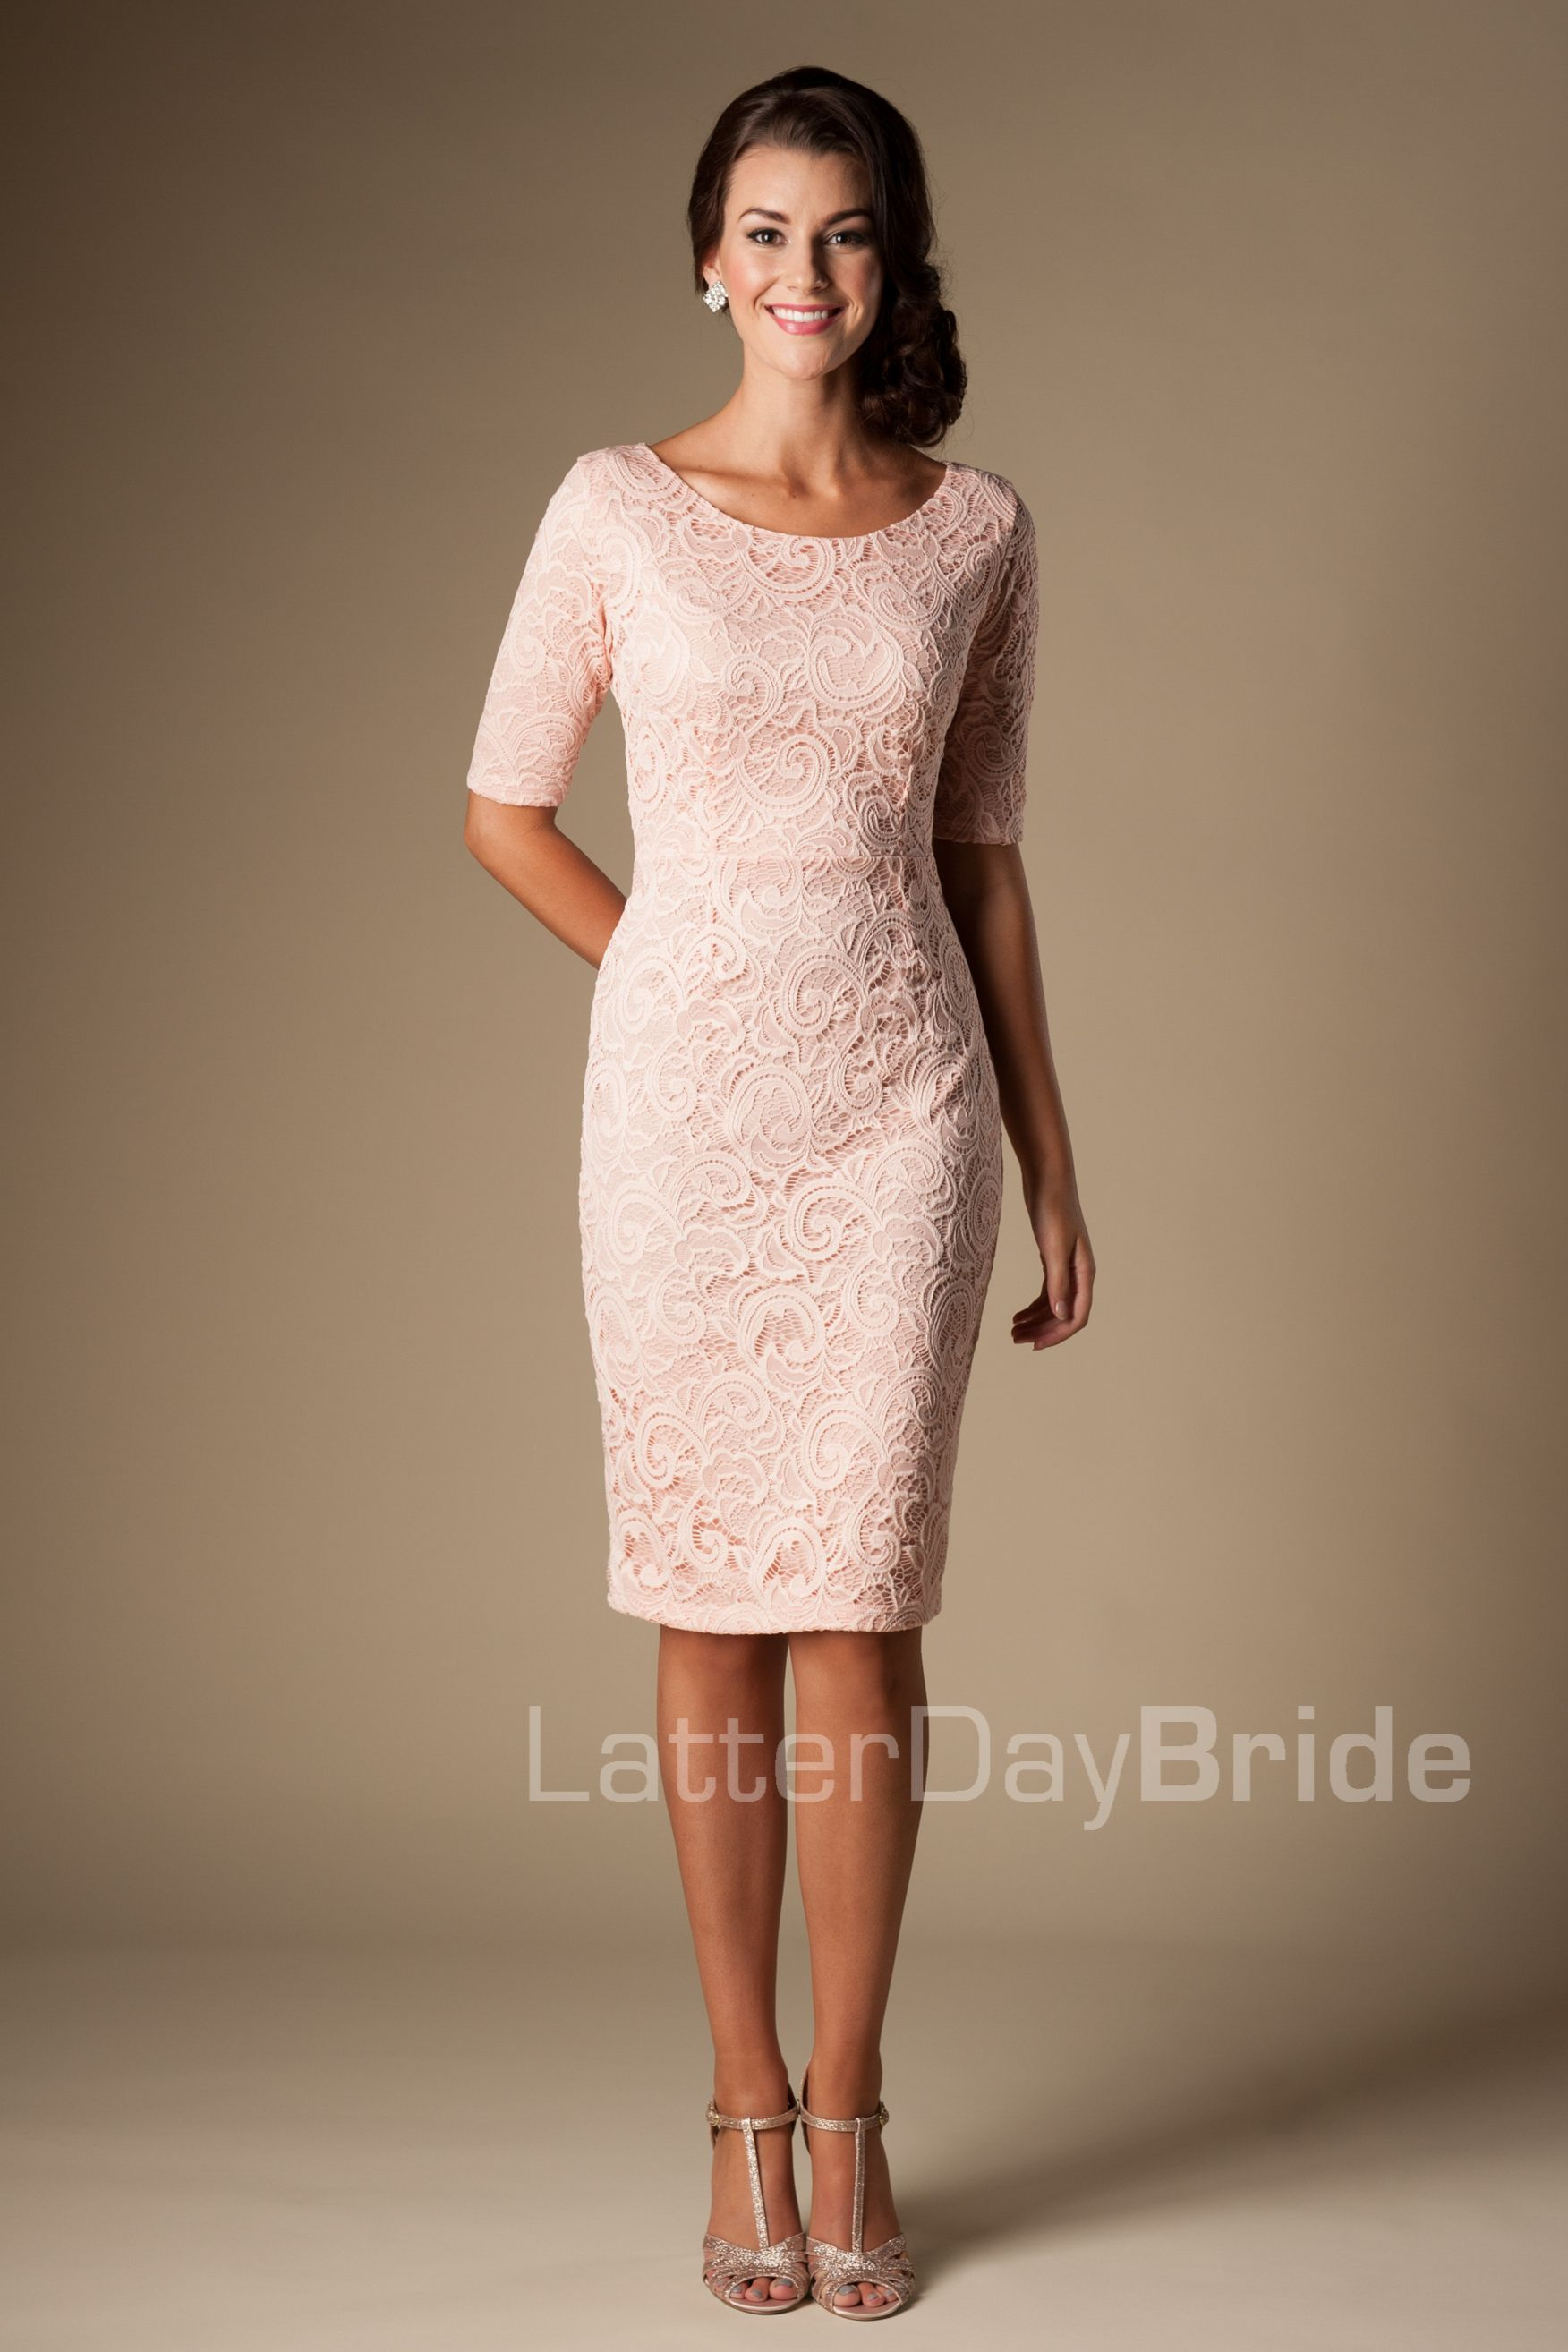 Fr Hochzeit/Gast  Hochzeit Kleider Gast  Kleid hochzeit